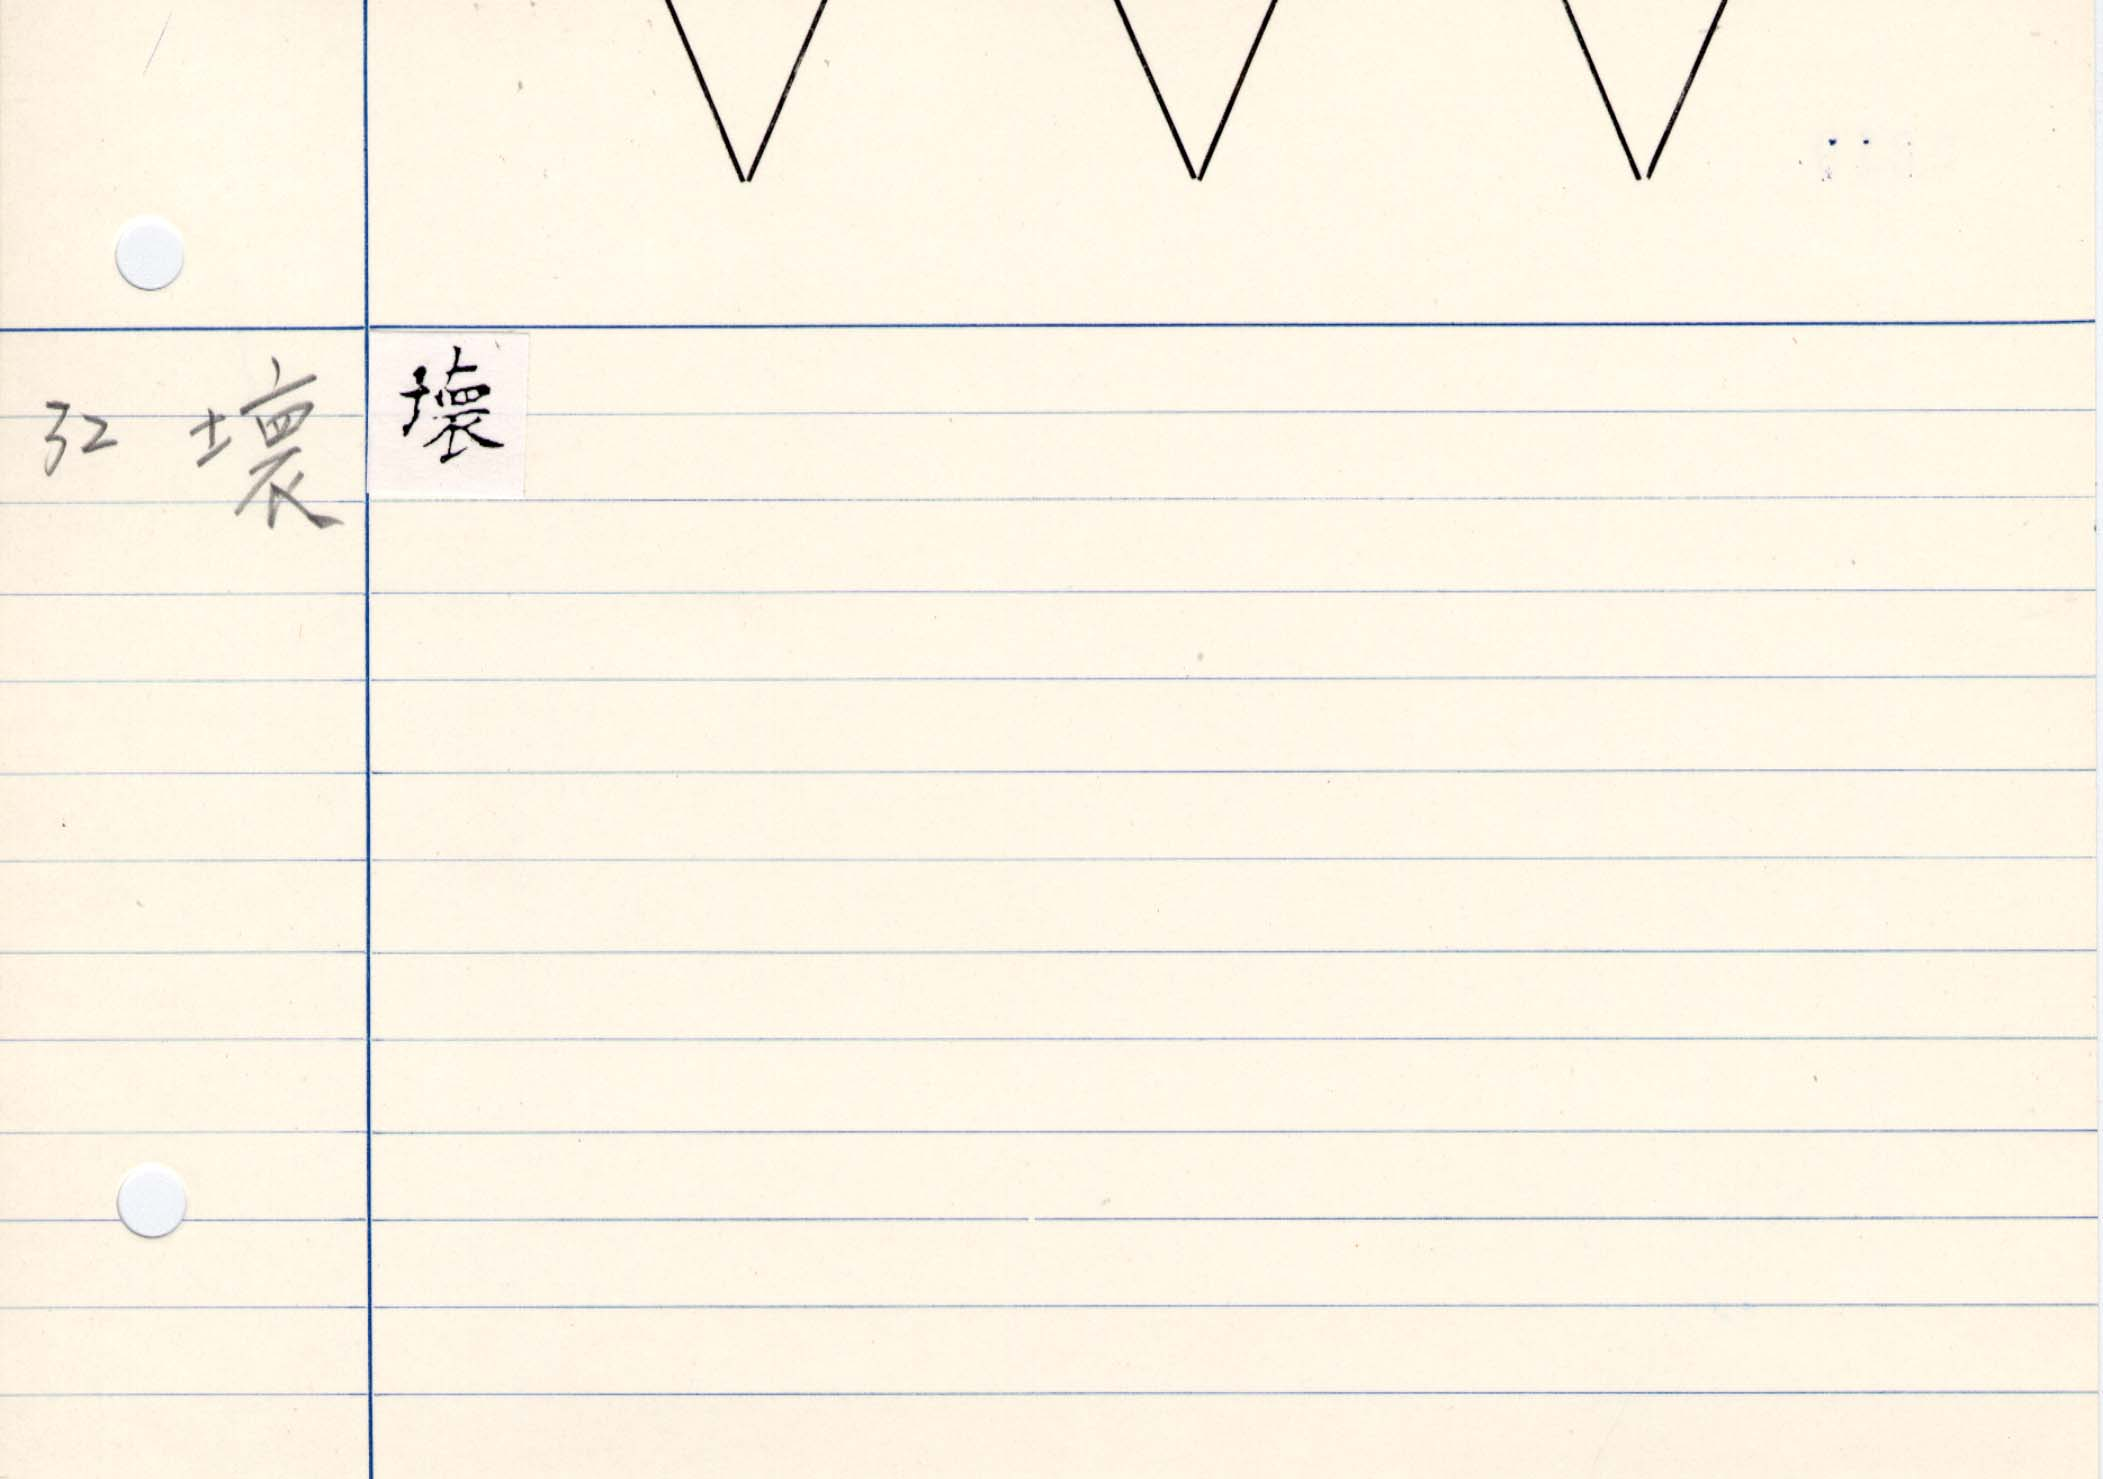 11_妙法蓮華經卷三(守屋本)/cards/0019.jpg